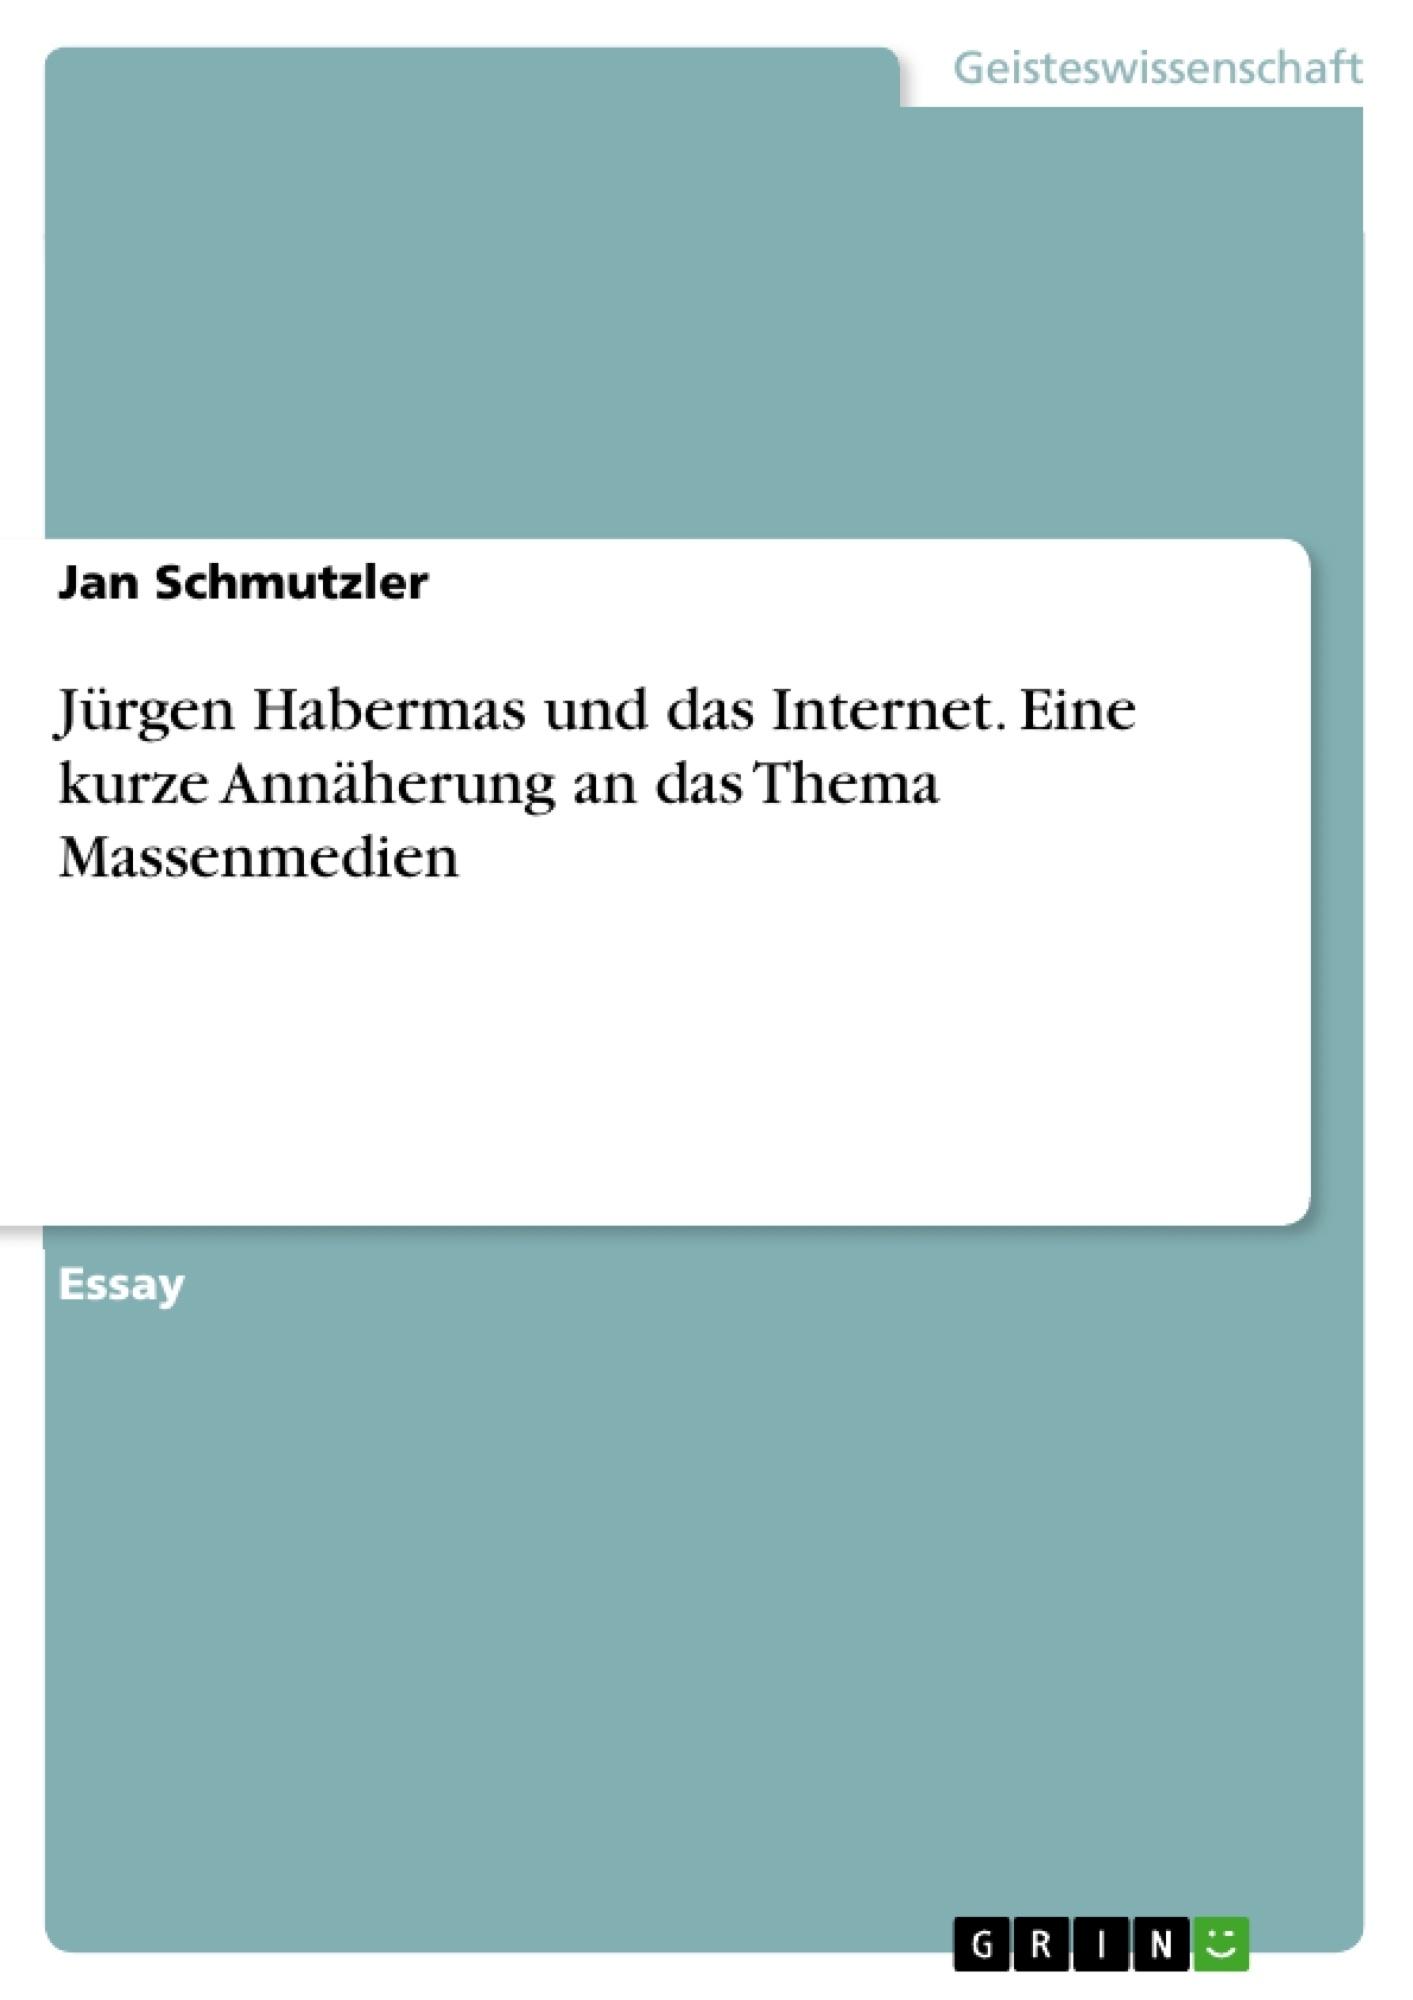 Titel: Jürgen Habermas und das Internet. Eine kurze Annäherung an das Thema Massenmedien